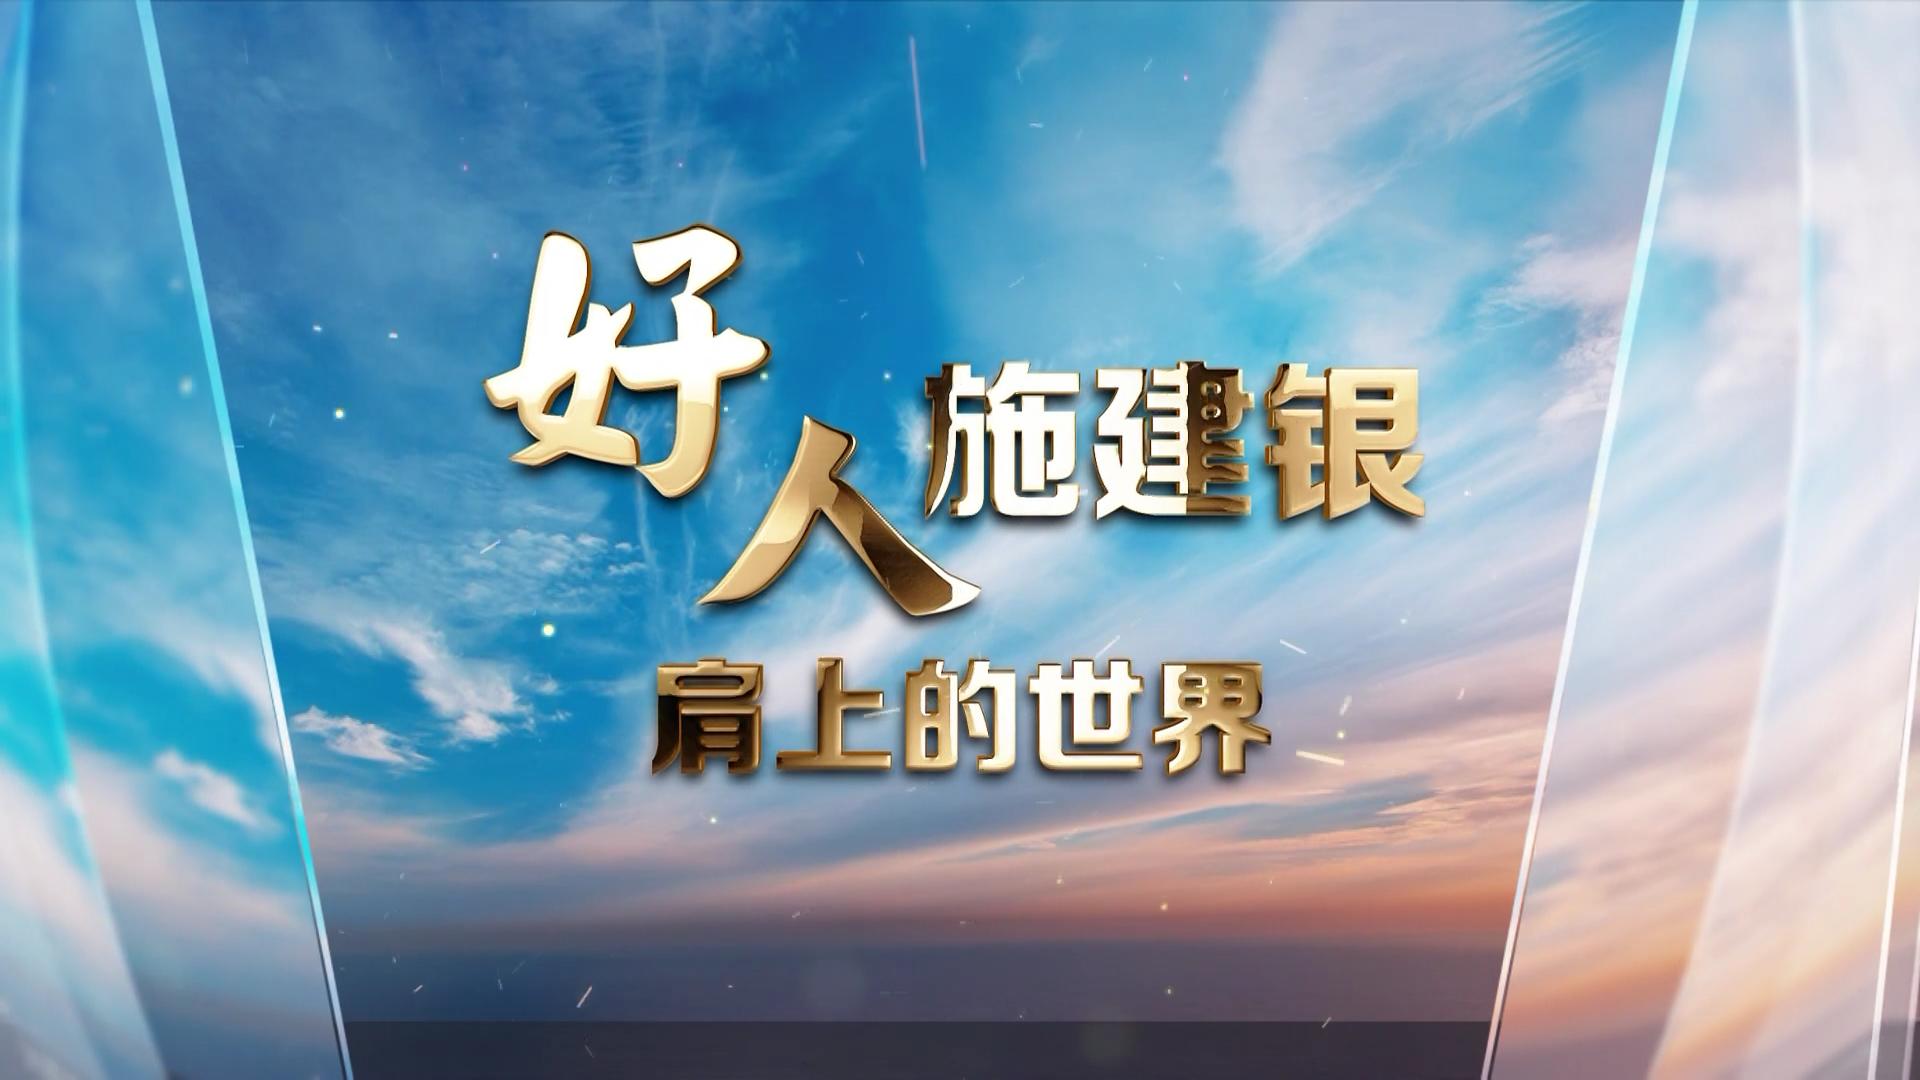 中國好人施建銀修改版[00_00_02][20200417-153914].png